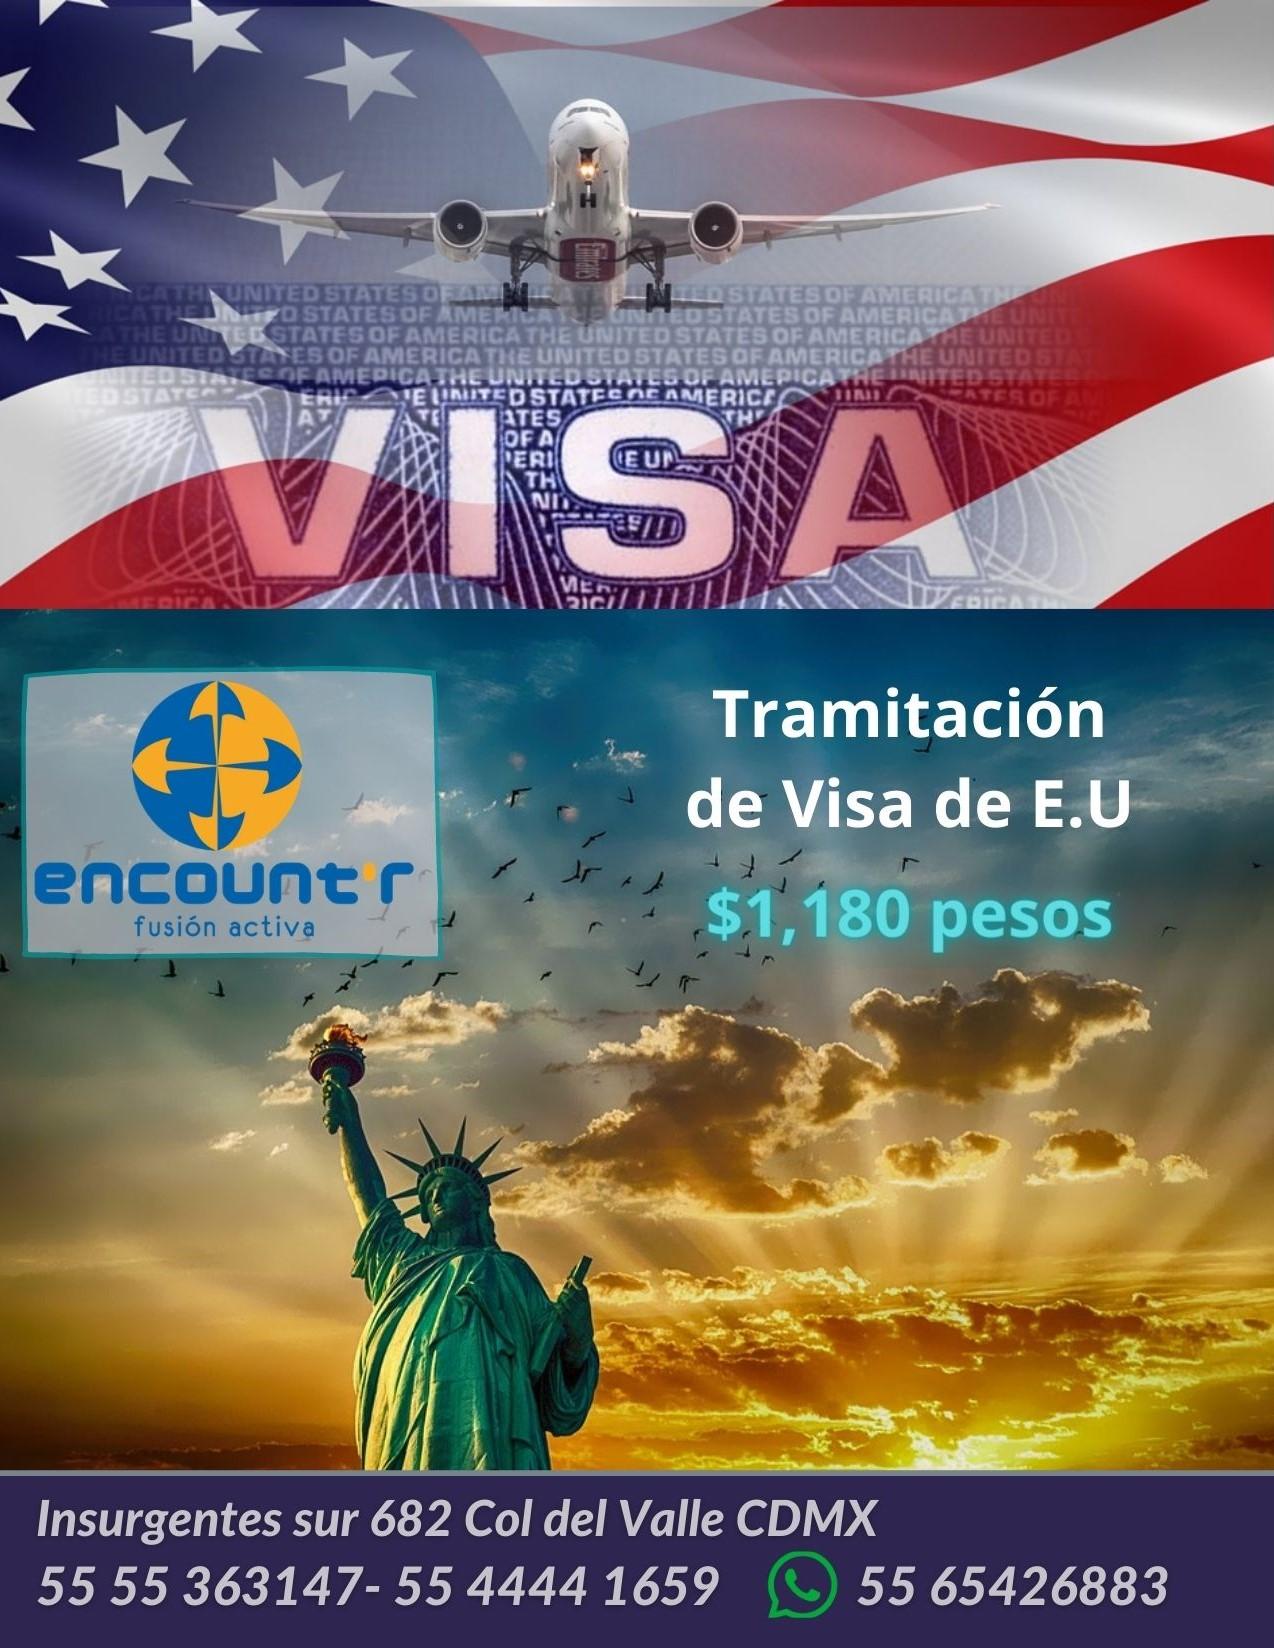 Tramitación de Visa de E.U Junio 2021